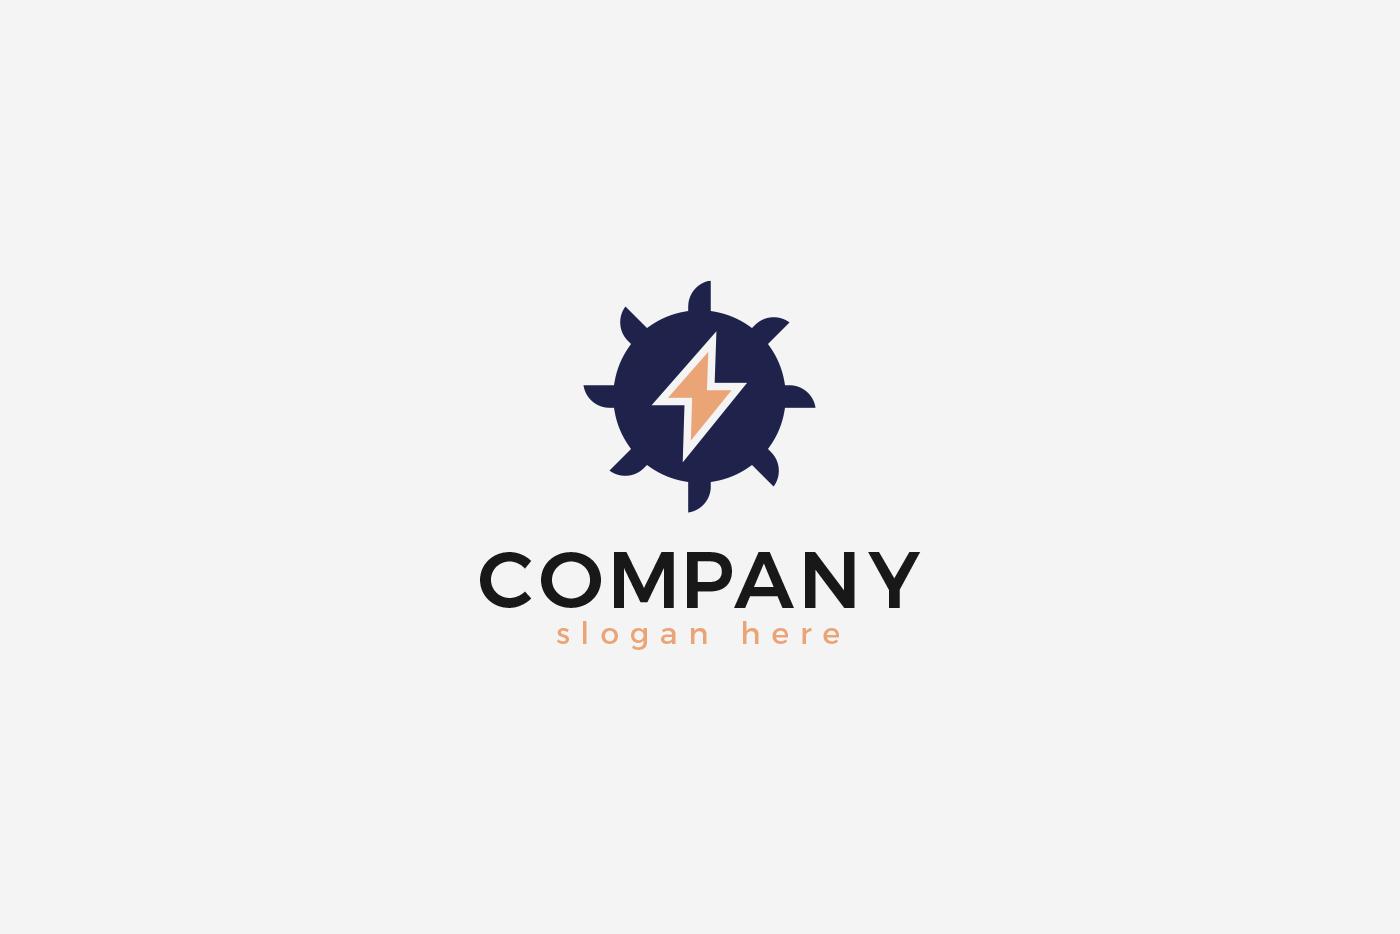 Image may contain: cartoon and logo